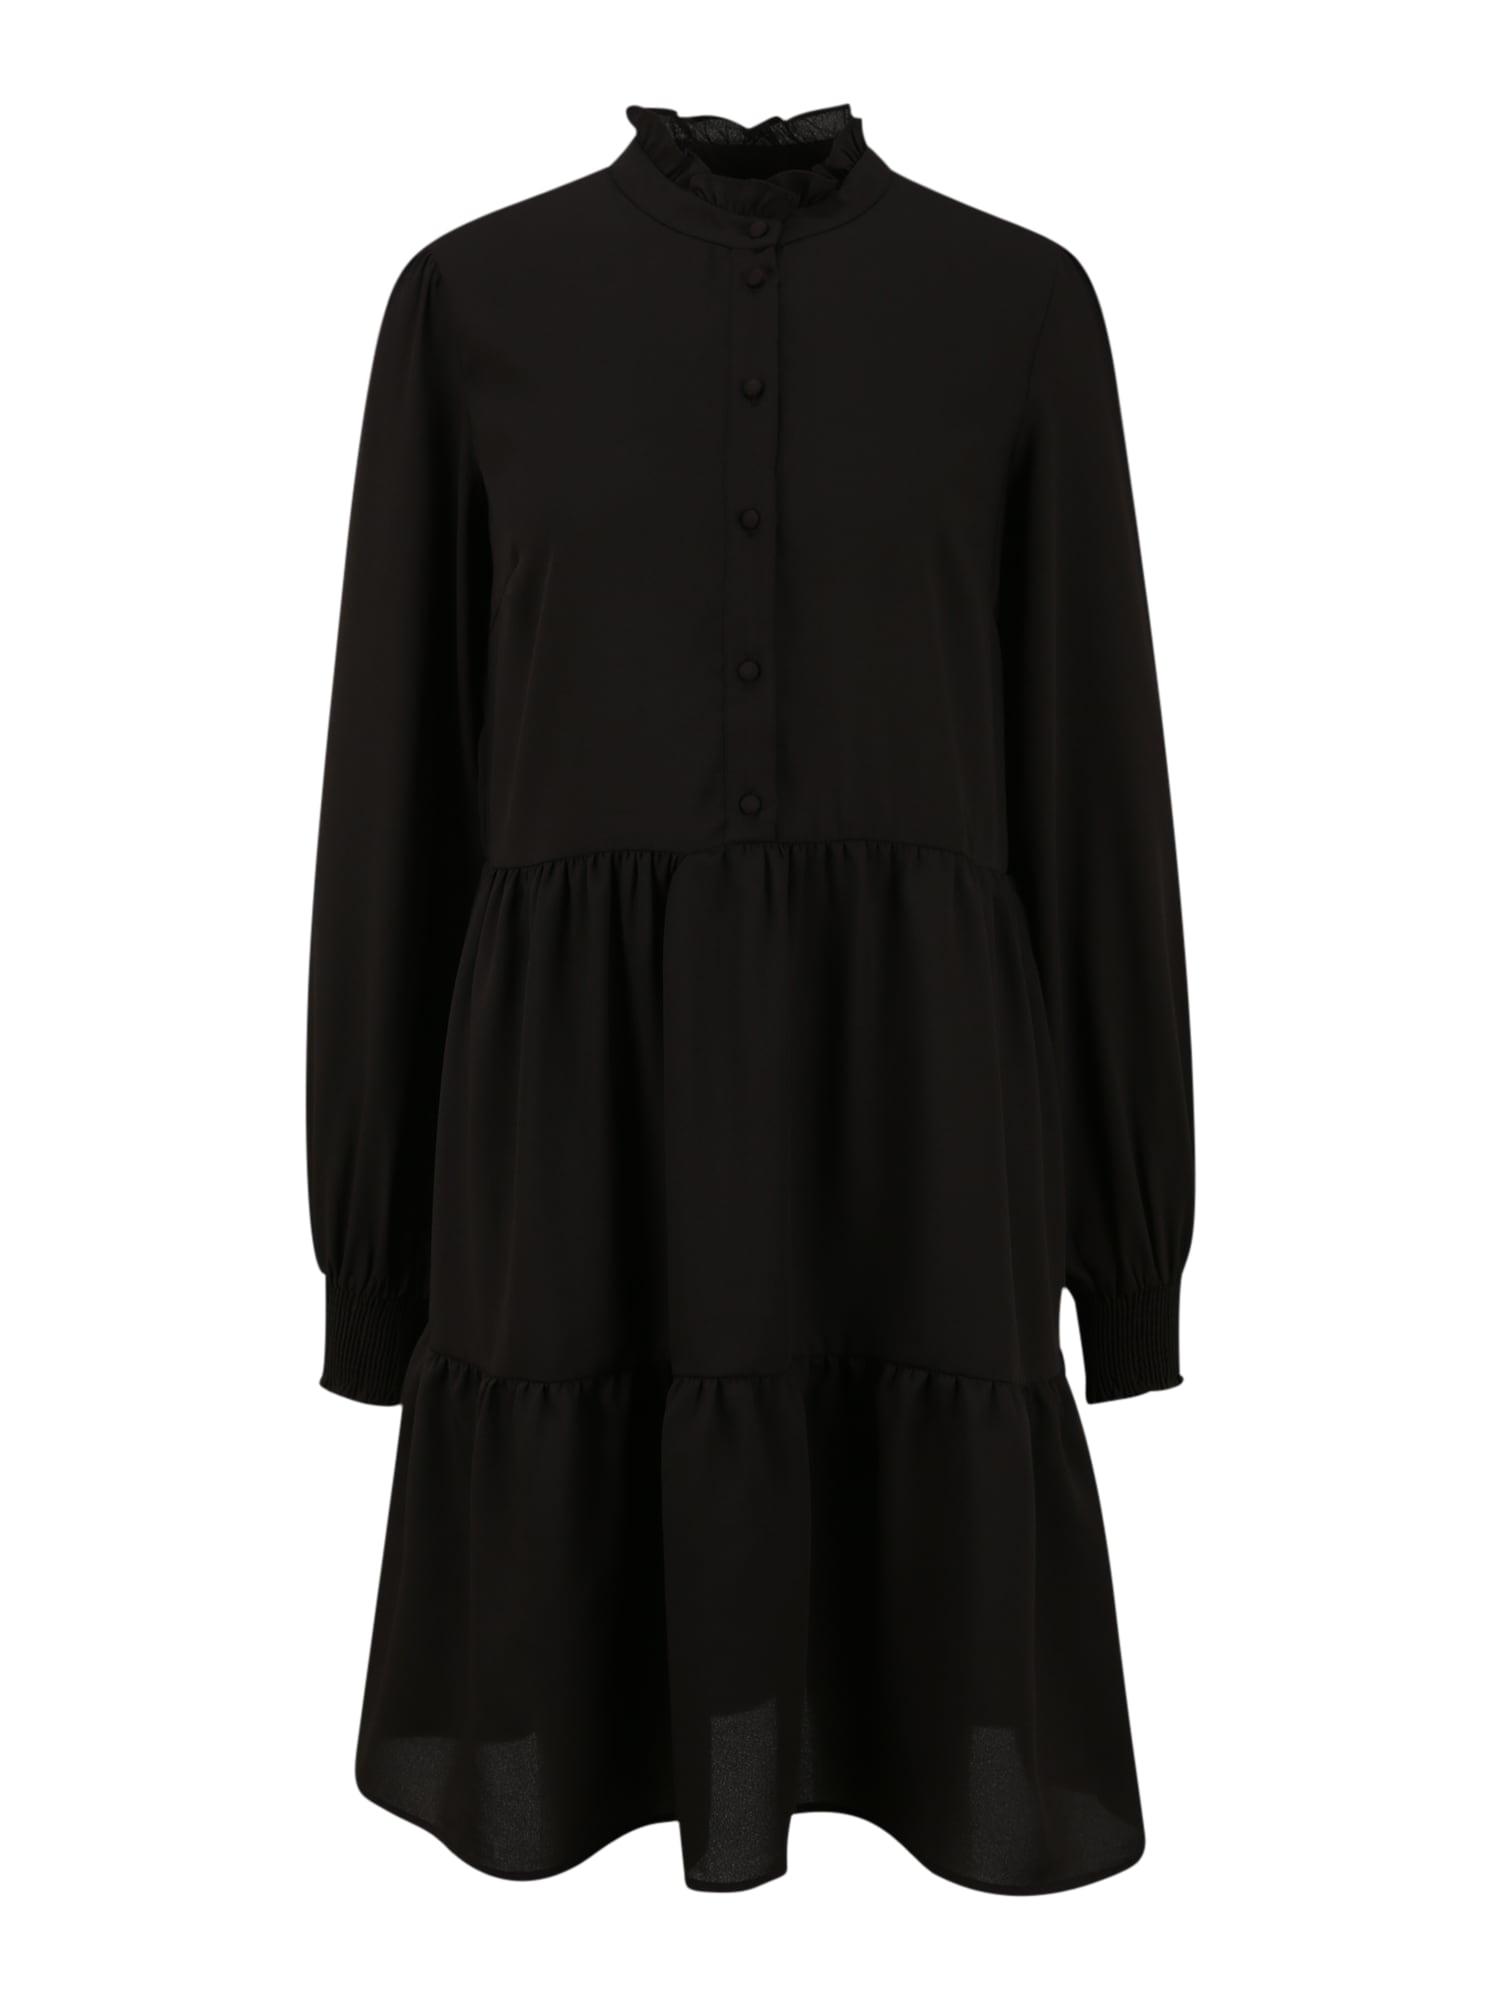 Pieces (Tall) Suknelė juoda